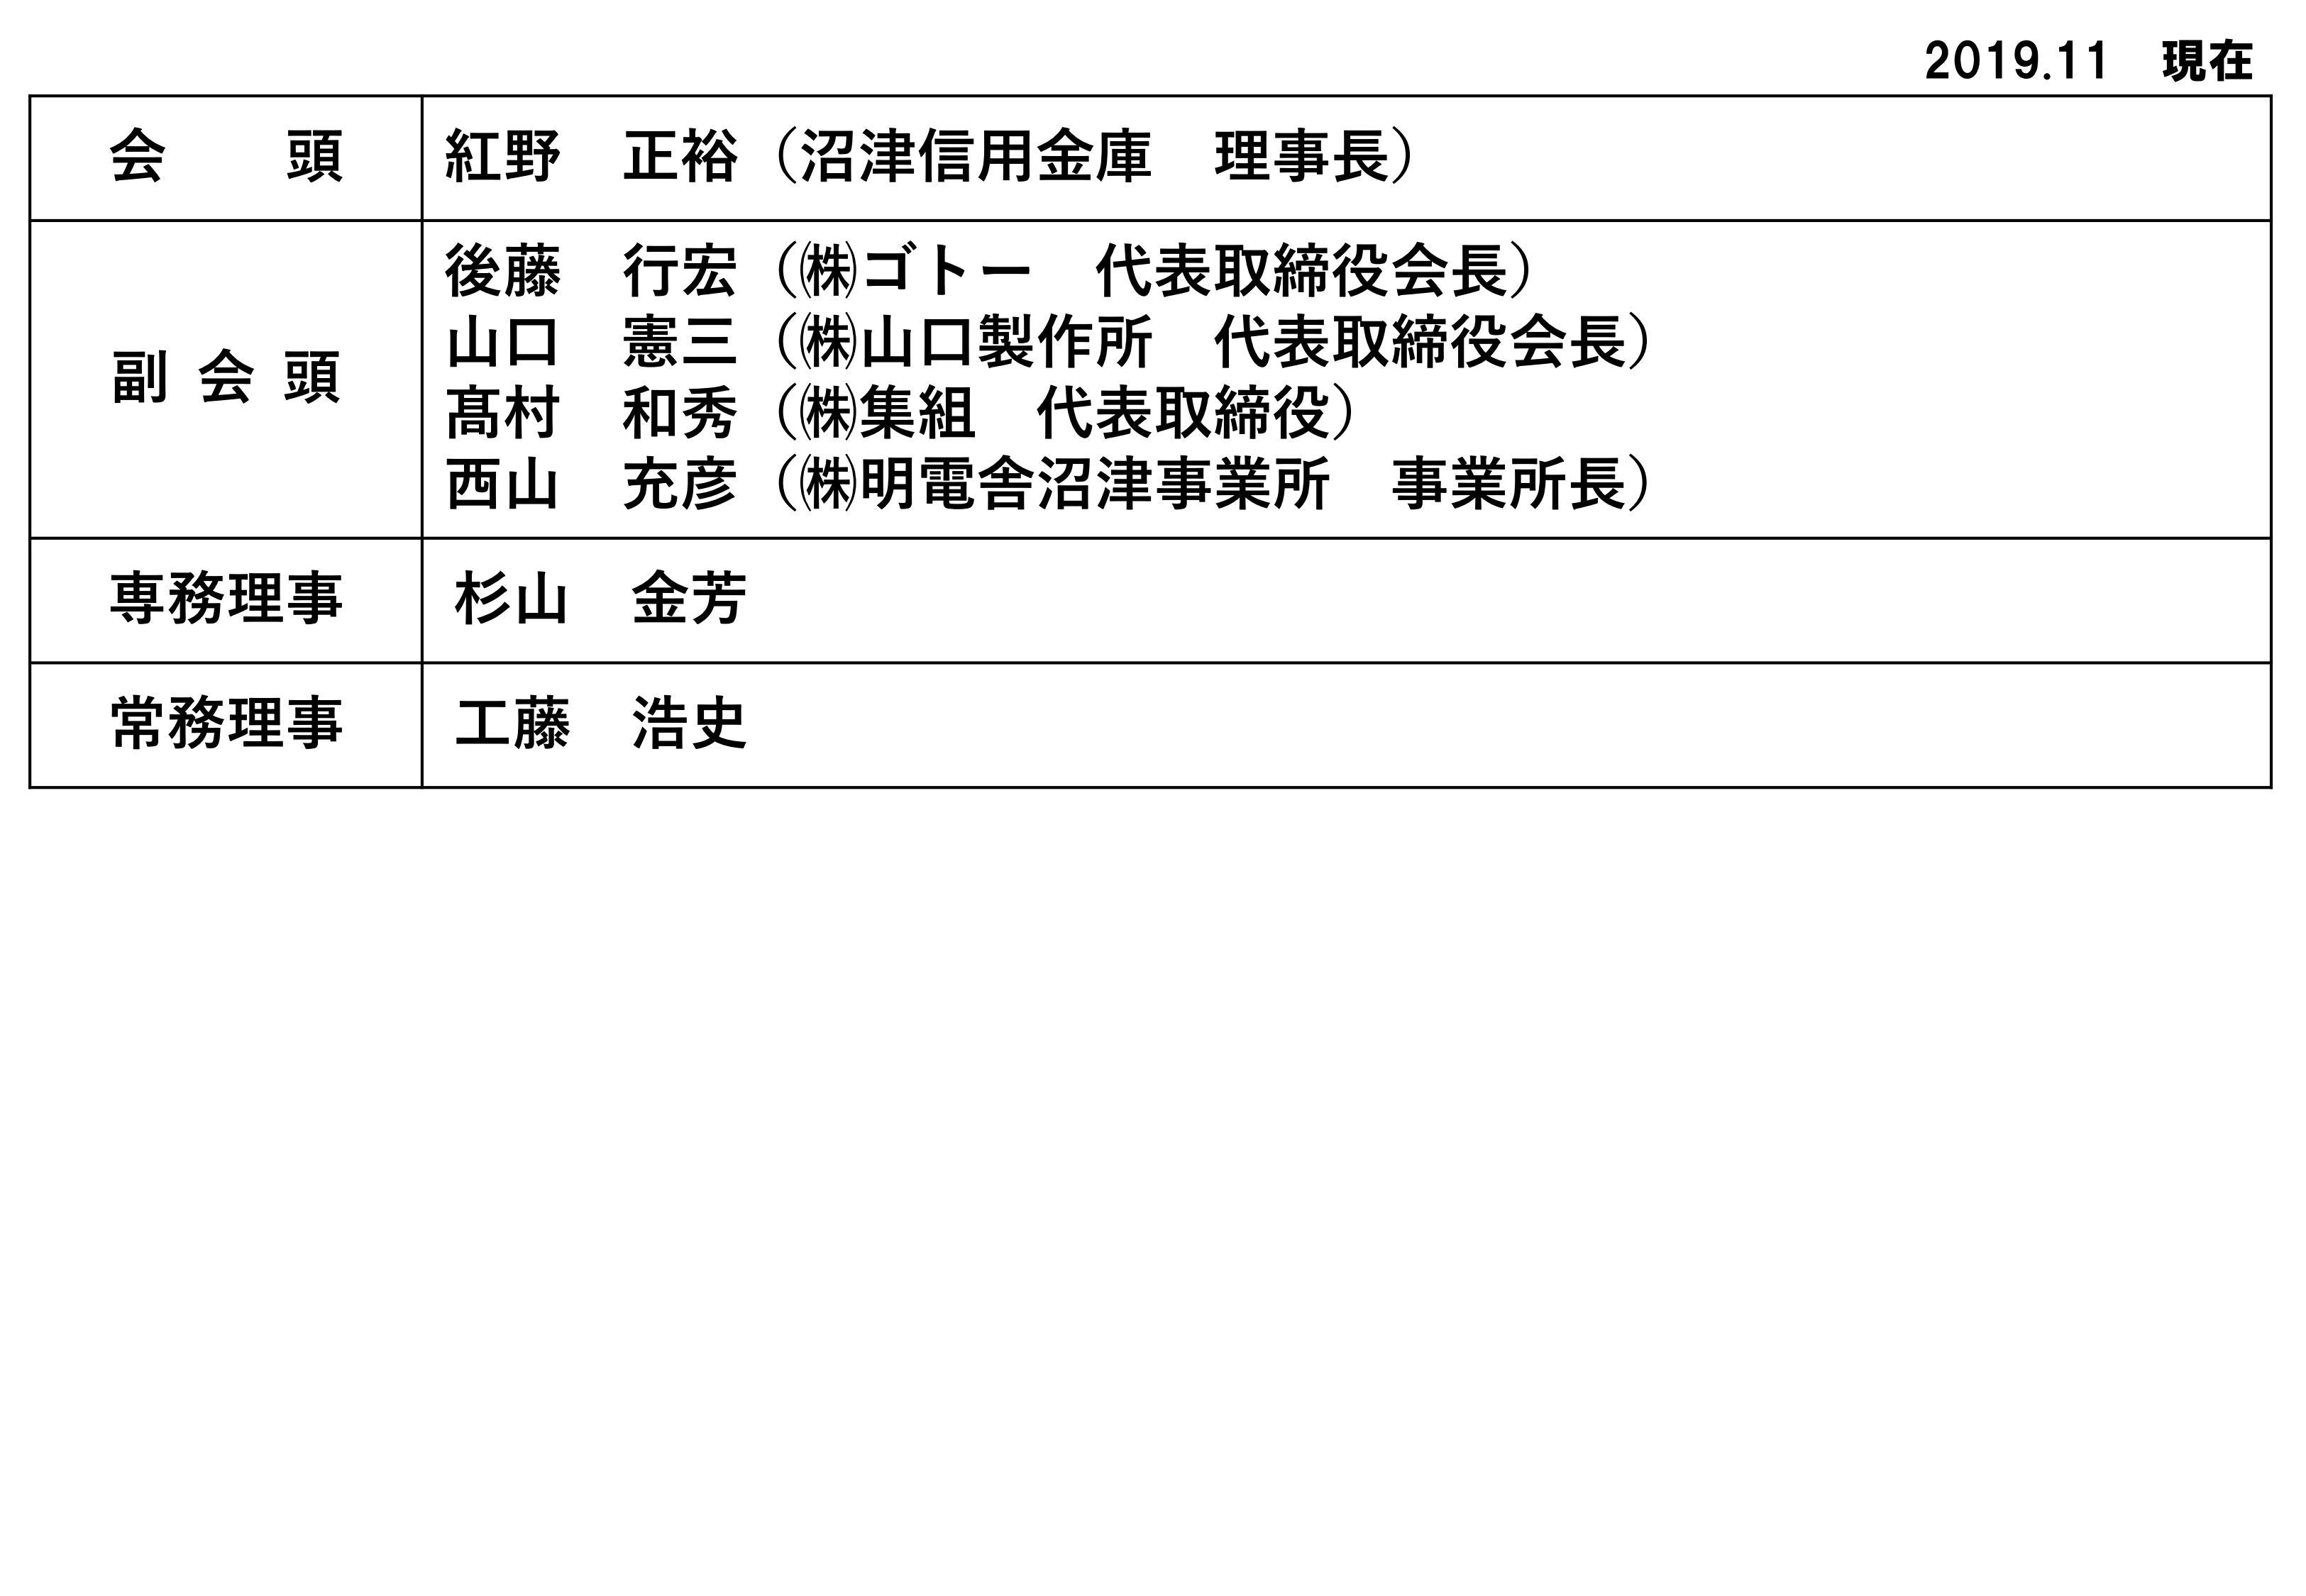 組織図1-1_02.jpg